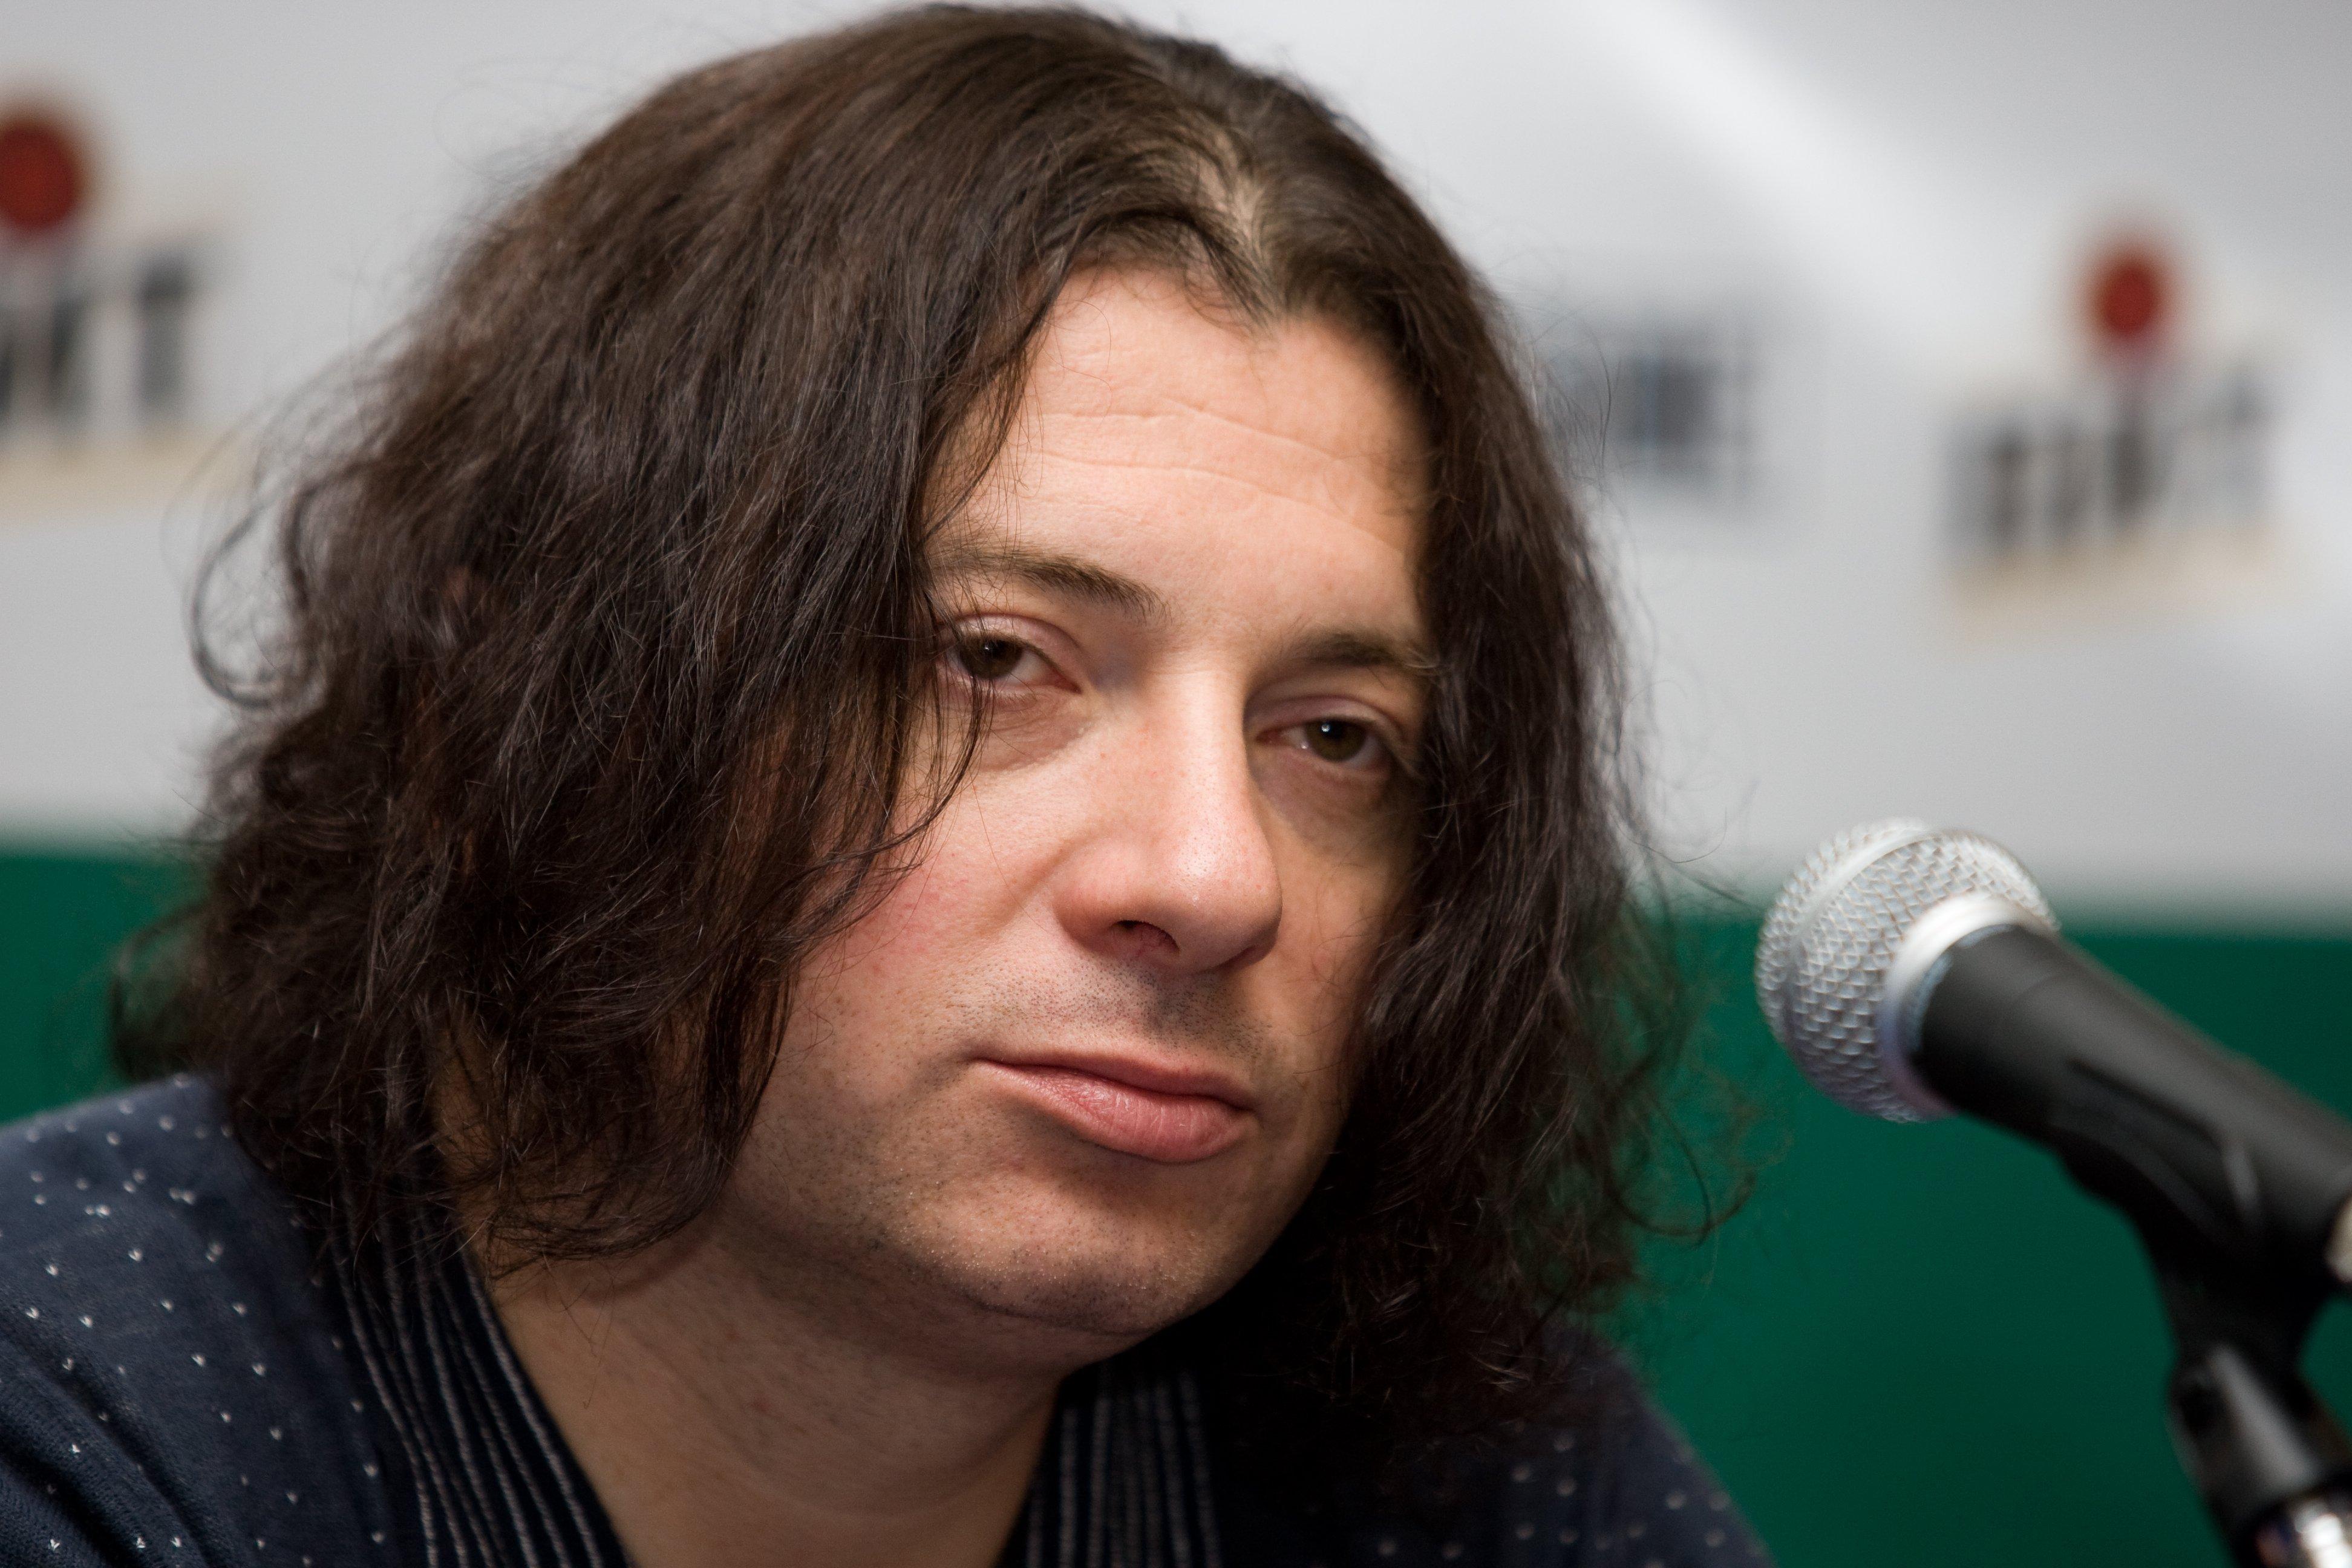 Вадим Самойлов желает выпустить мини-альбом Агаты Кристи